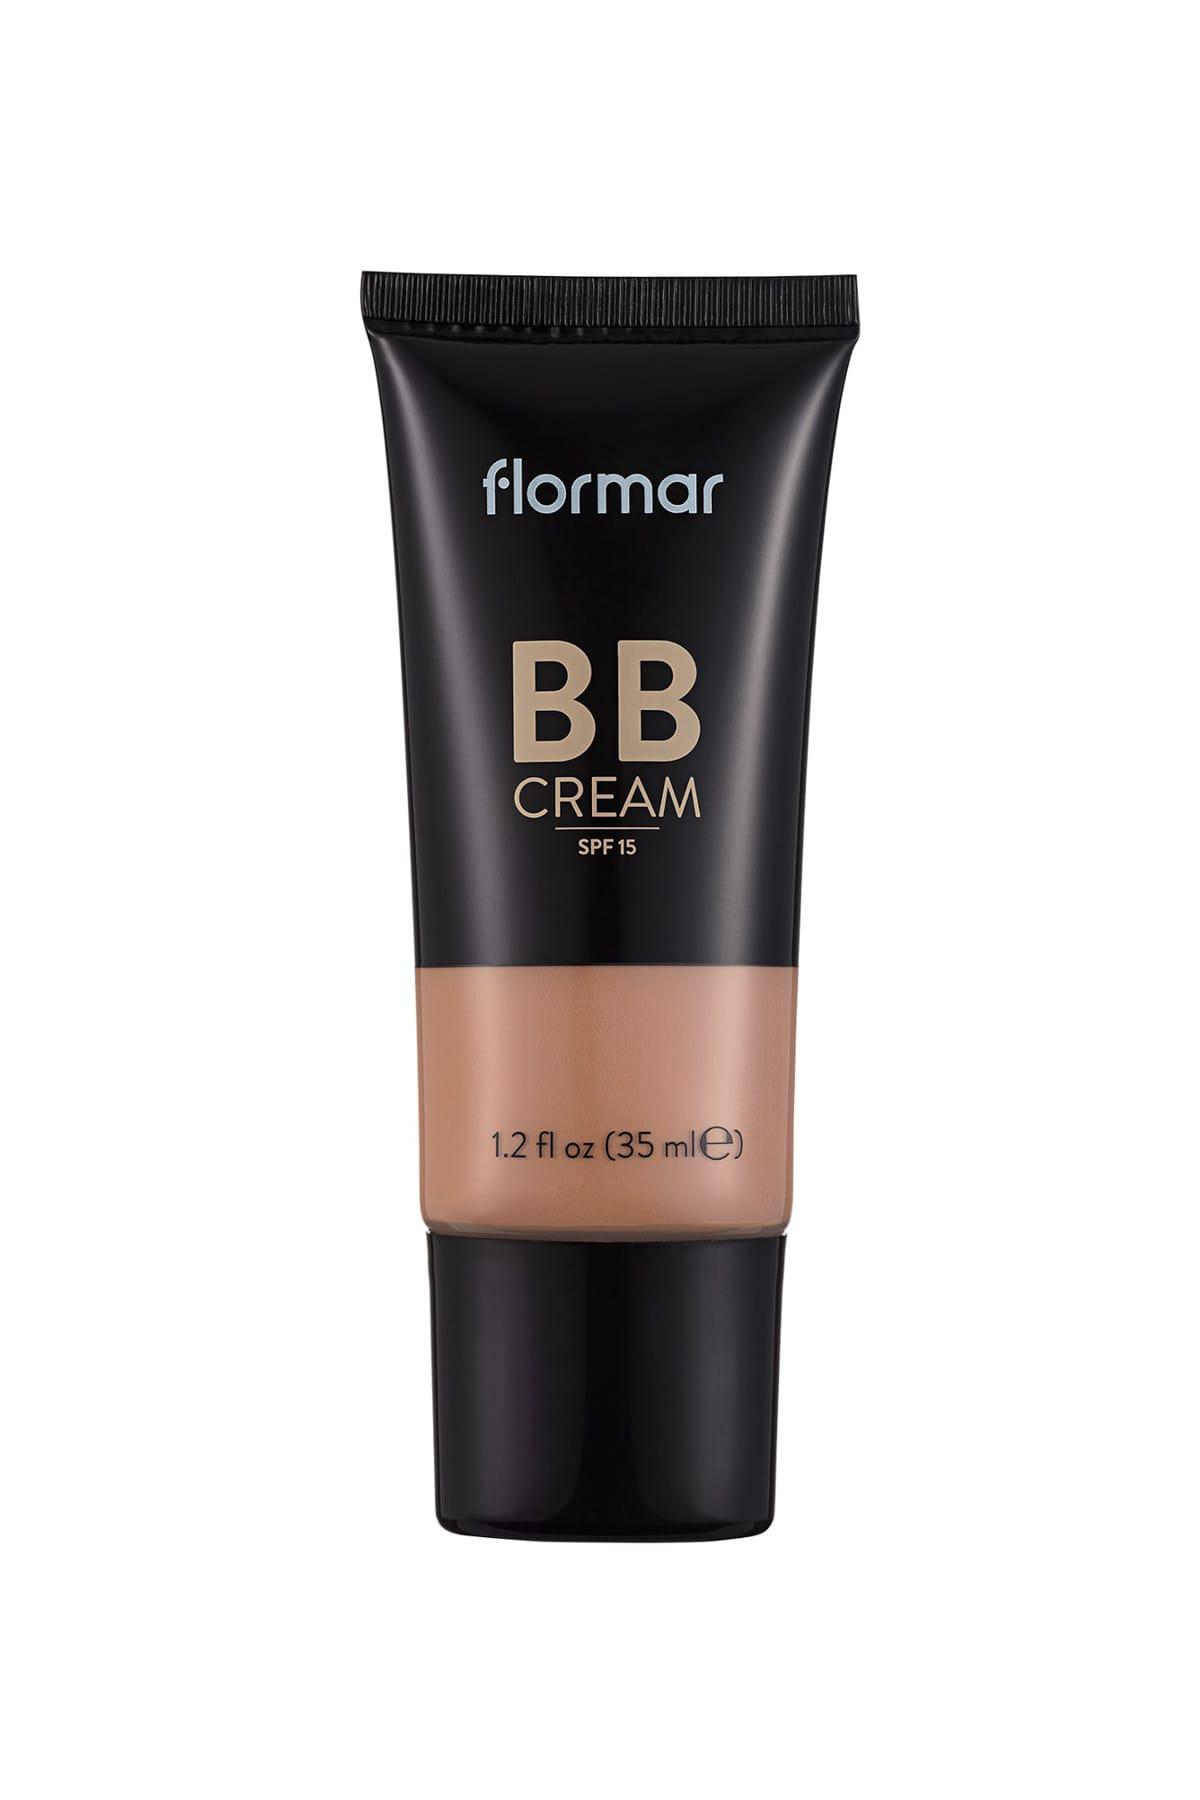 Flormar BB Cream 04 Light/Medium SPF20